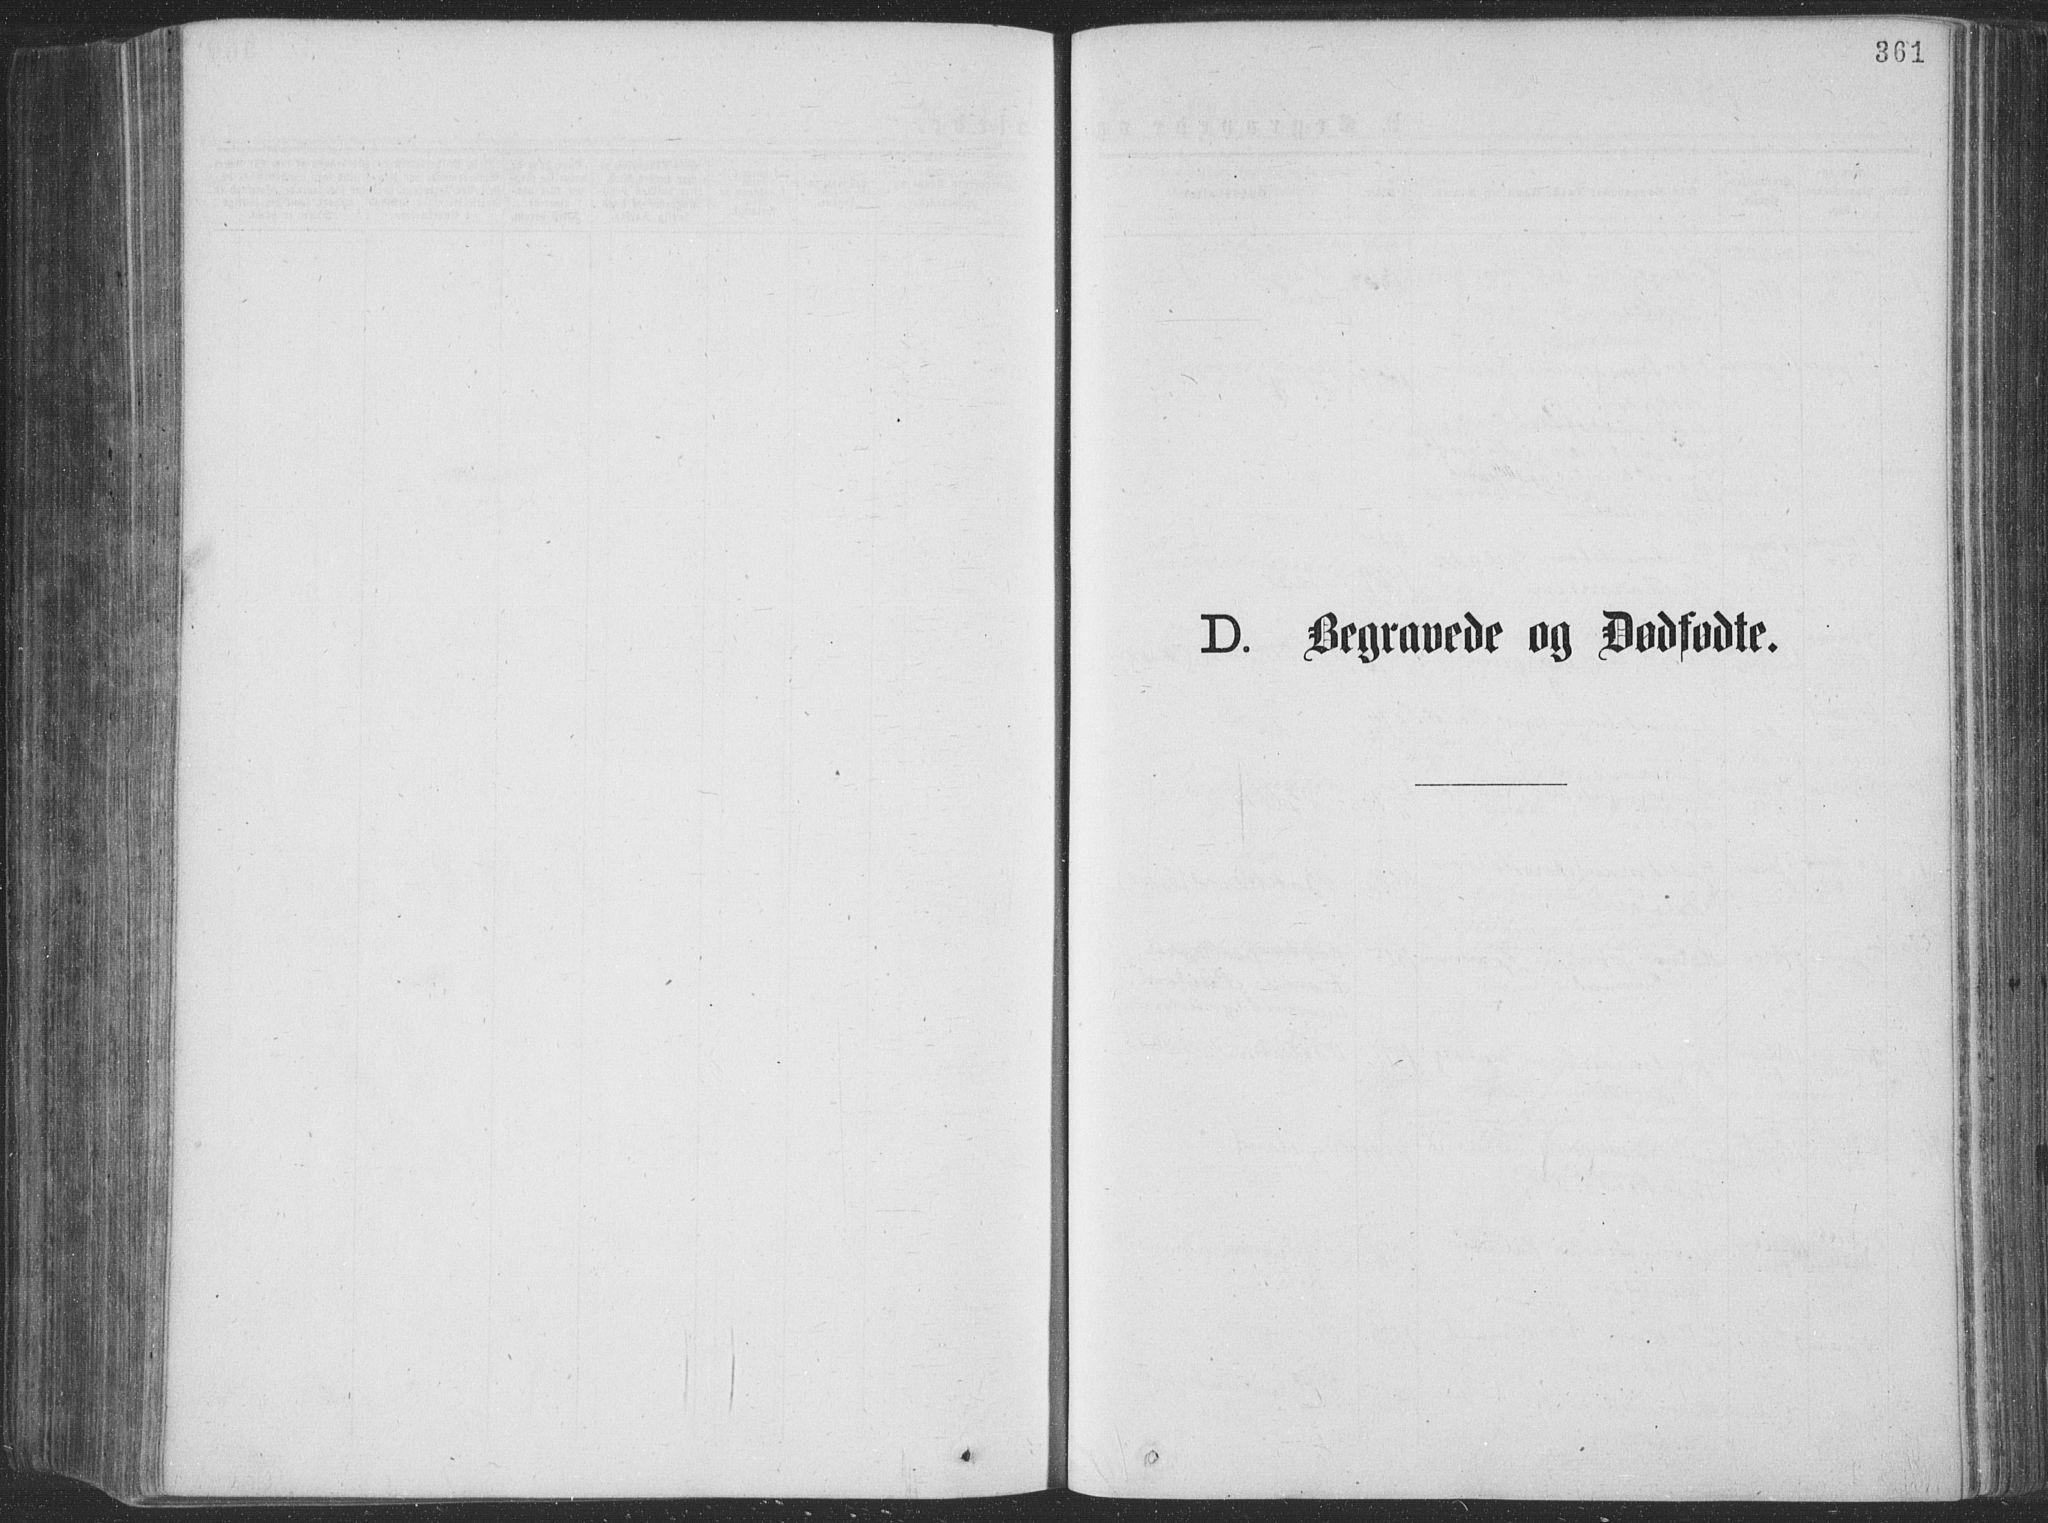 SAKO, Seljord kirkebøker, F/Fa/L0014: Ministerialbok nr. I 14, 1877-1886, s. 361